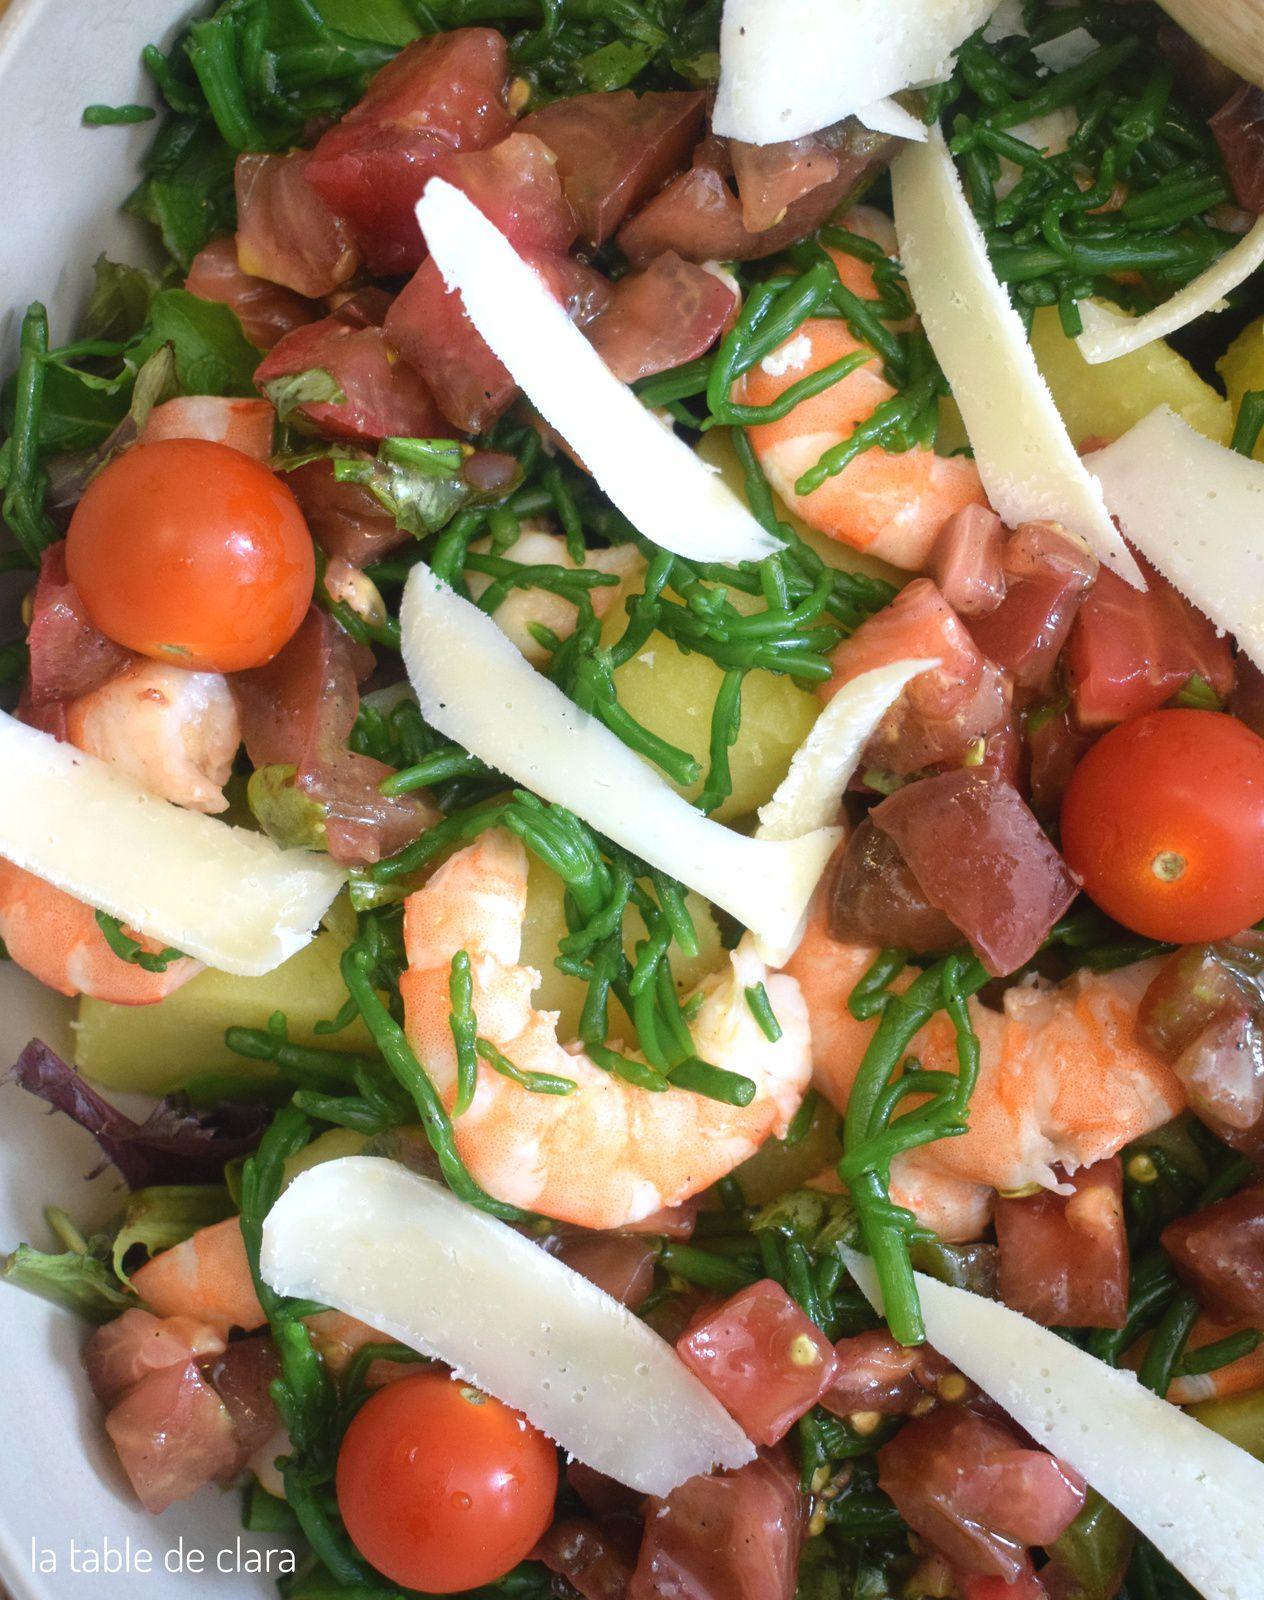 Salade composée - Sauce vierge